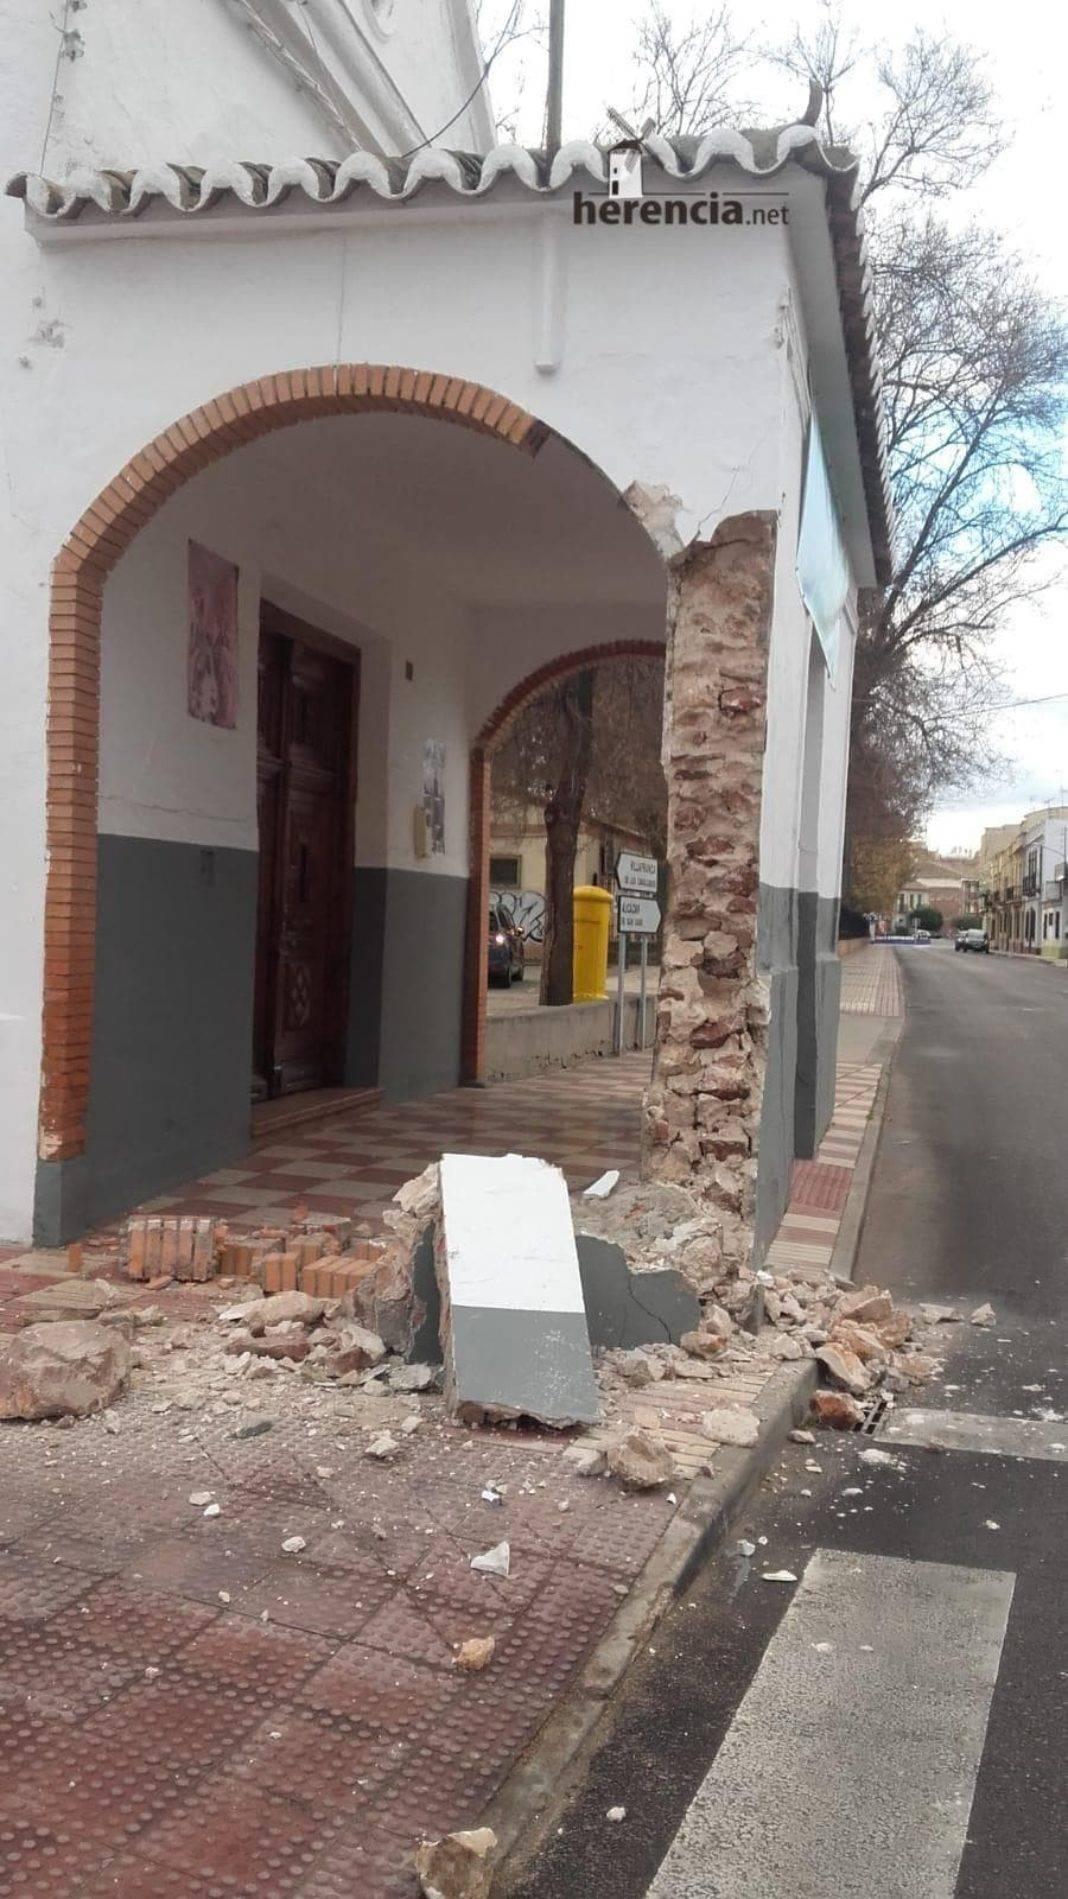 La Ermita de La Encarnación sufre daños por un supuesto accidente de tráfico 4